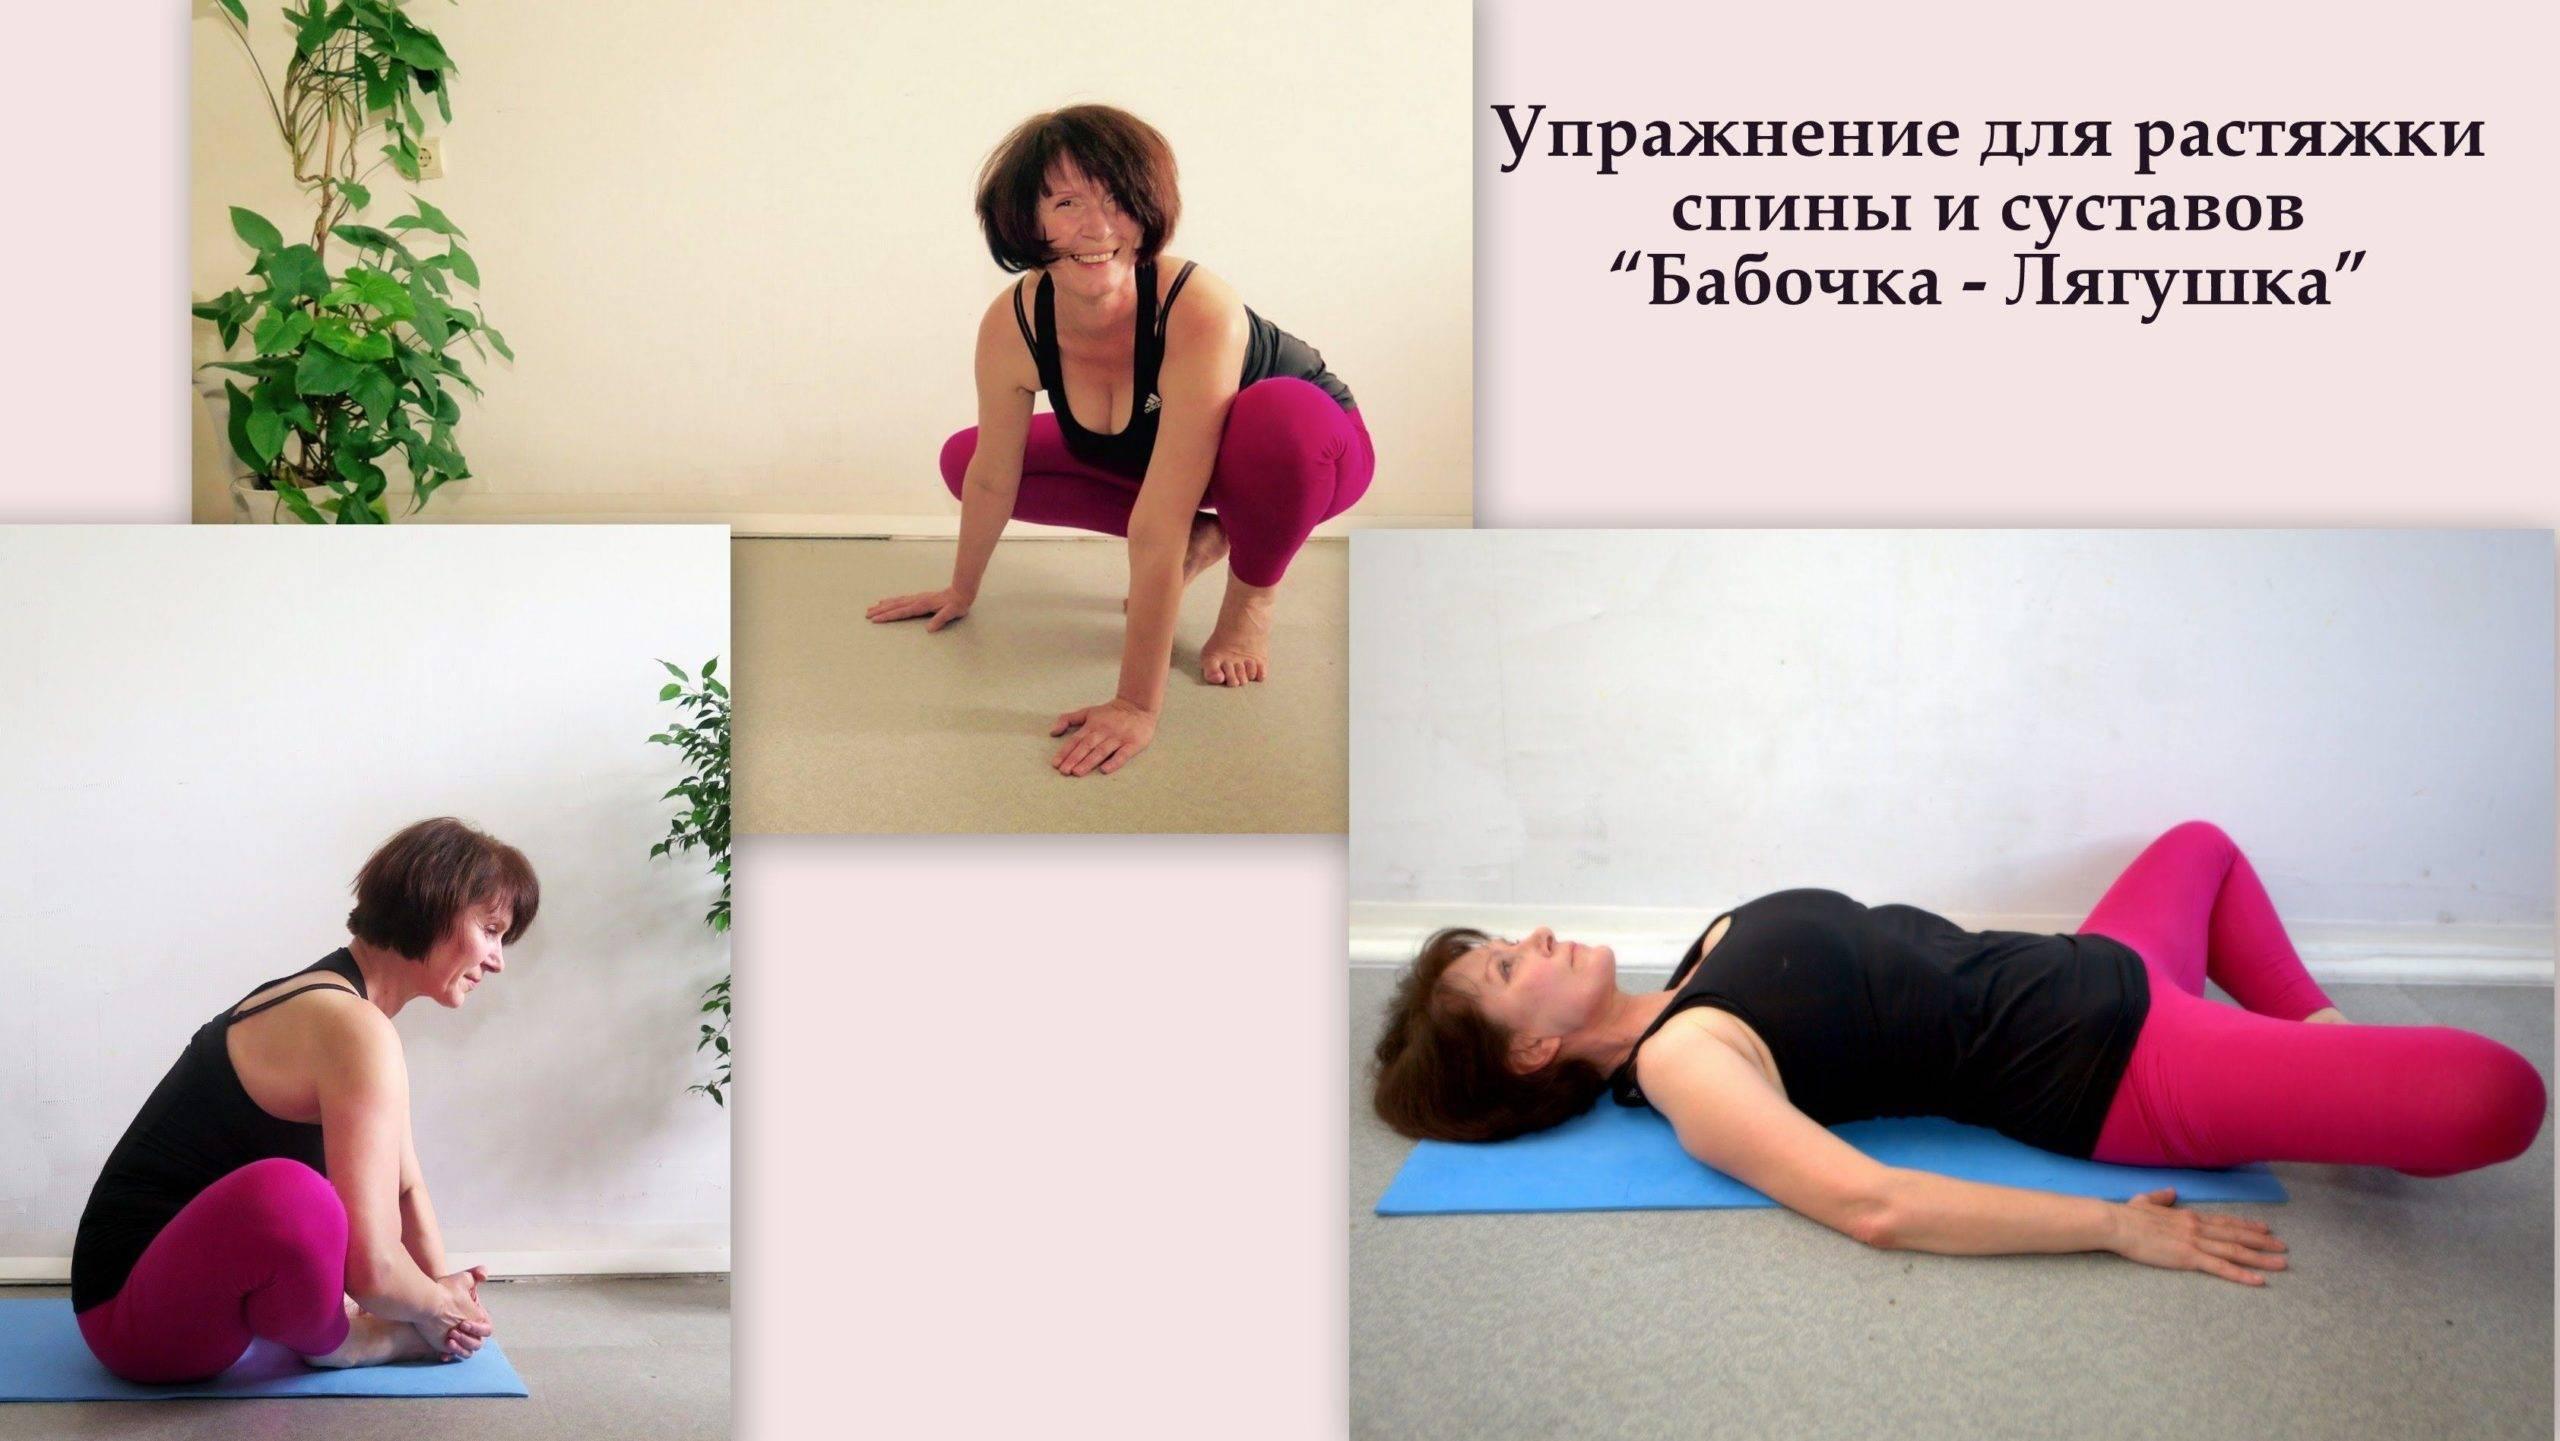 Упражнение лягушка: 4 вида для растяжки ног, пресса и ягодиц -